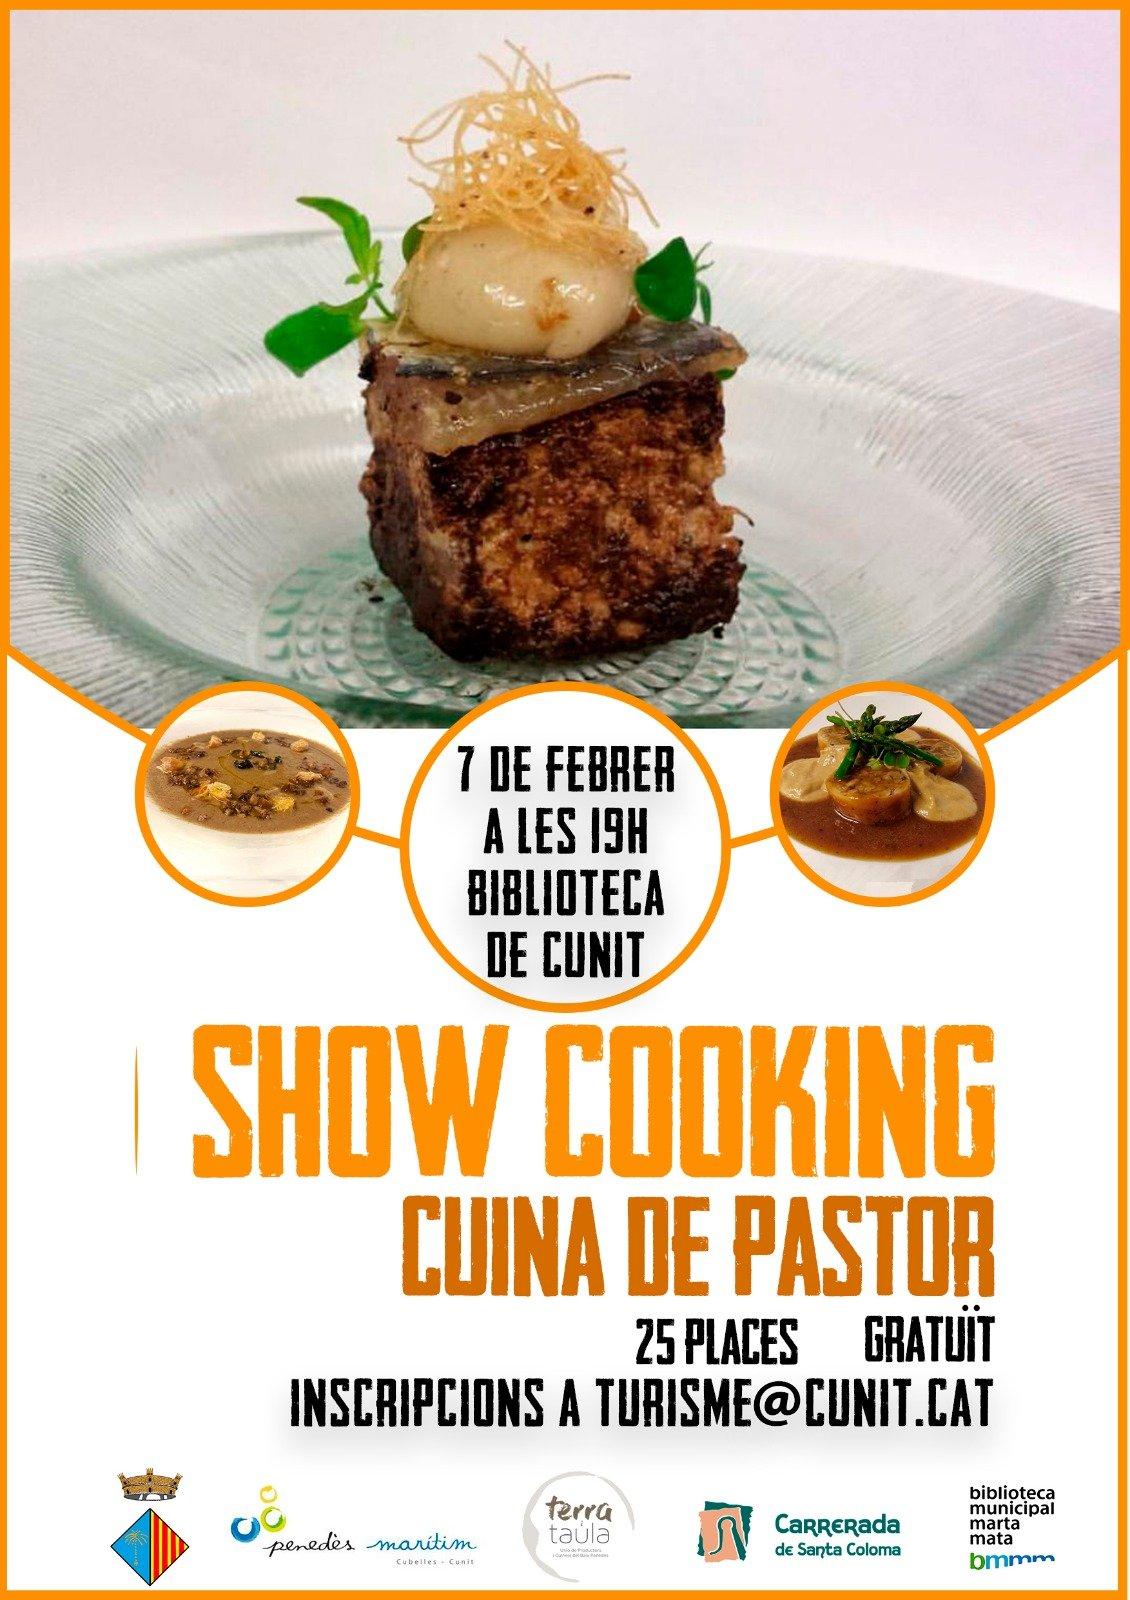 La primera experiència de 'Show cooking' a Cunit recrea la Cuina de Pastor